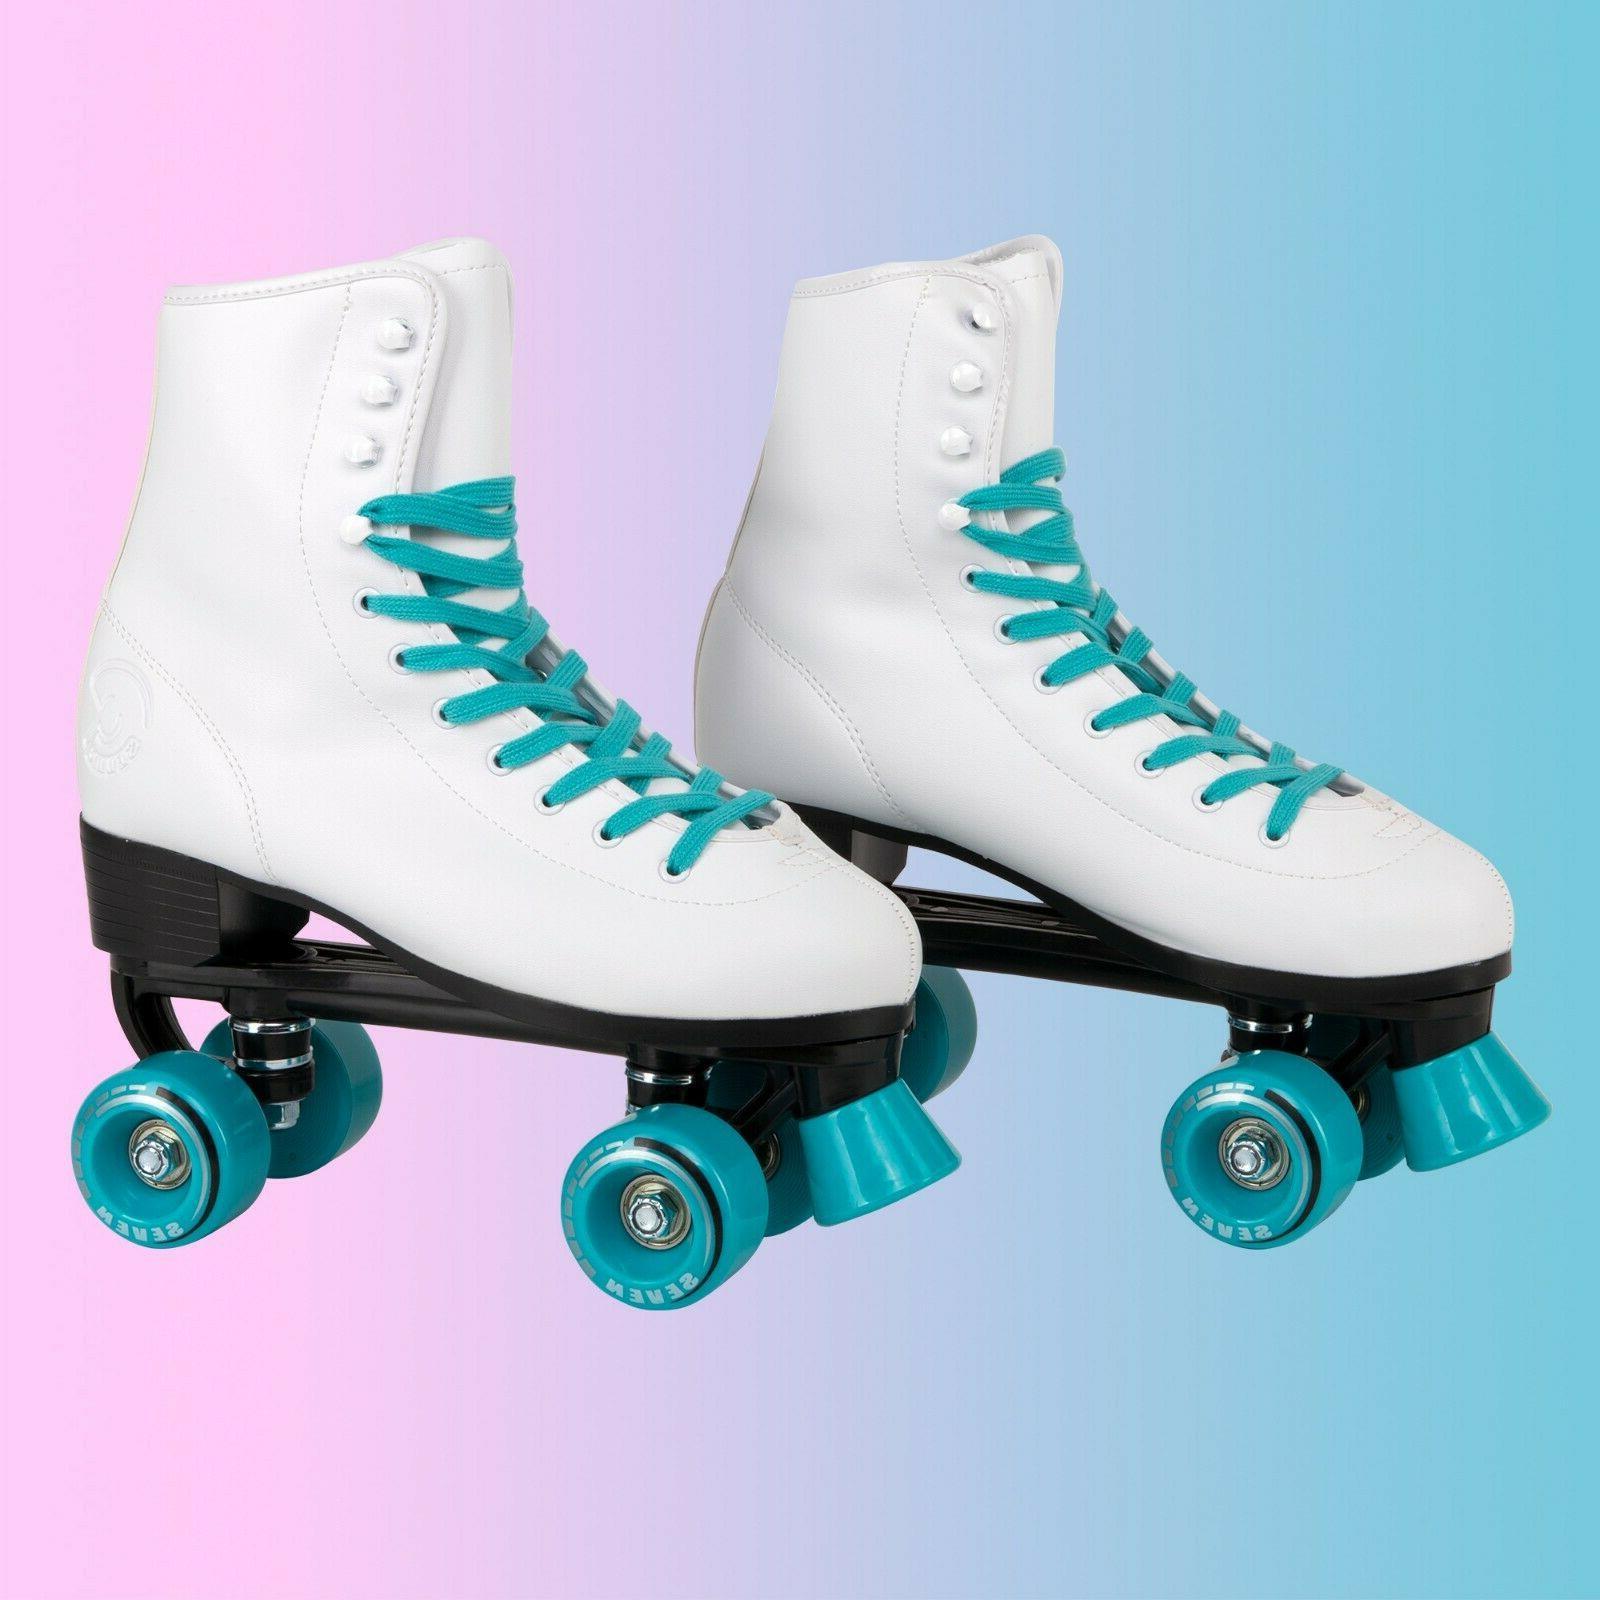 C7skates Soft Leather Roller Skates, for Girls